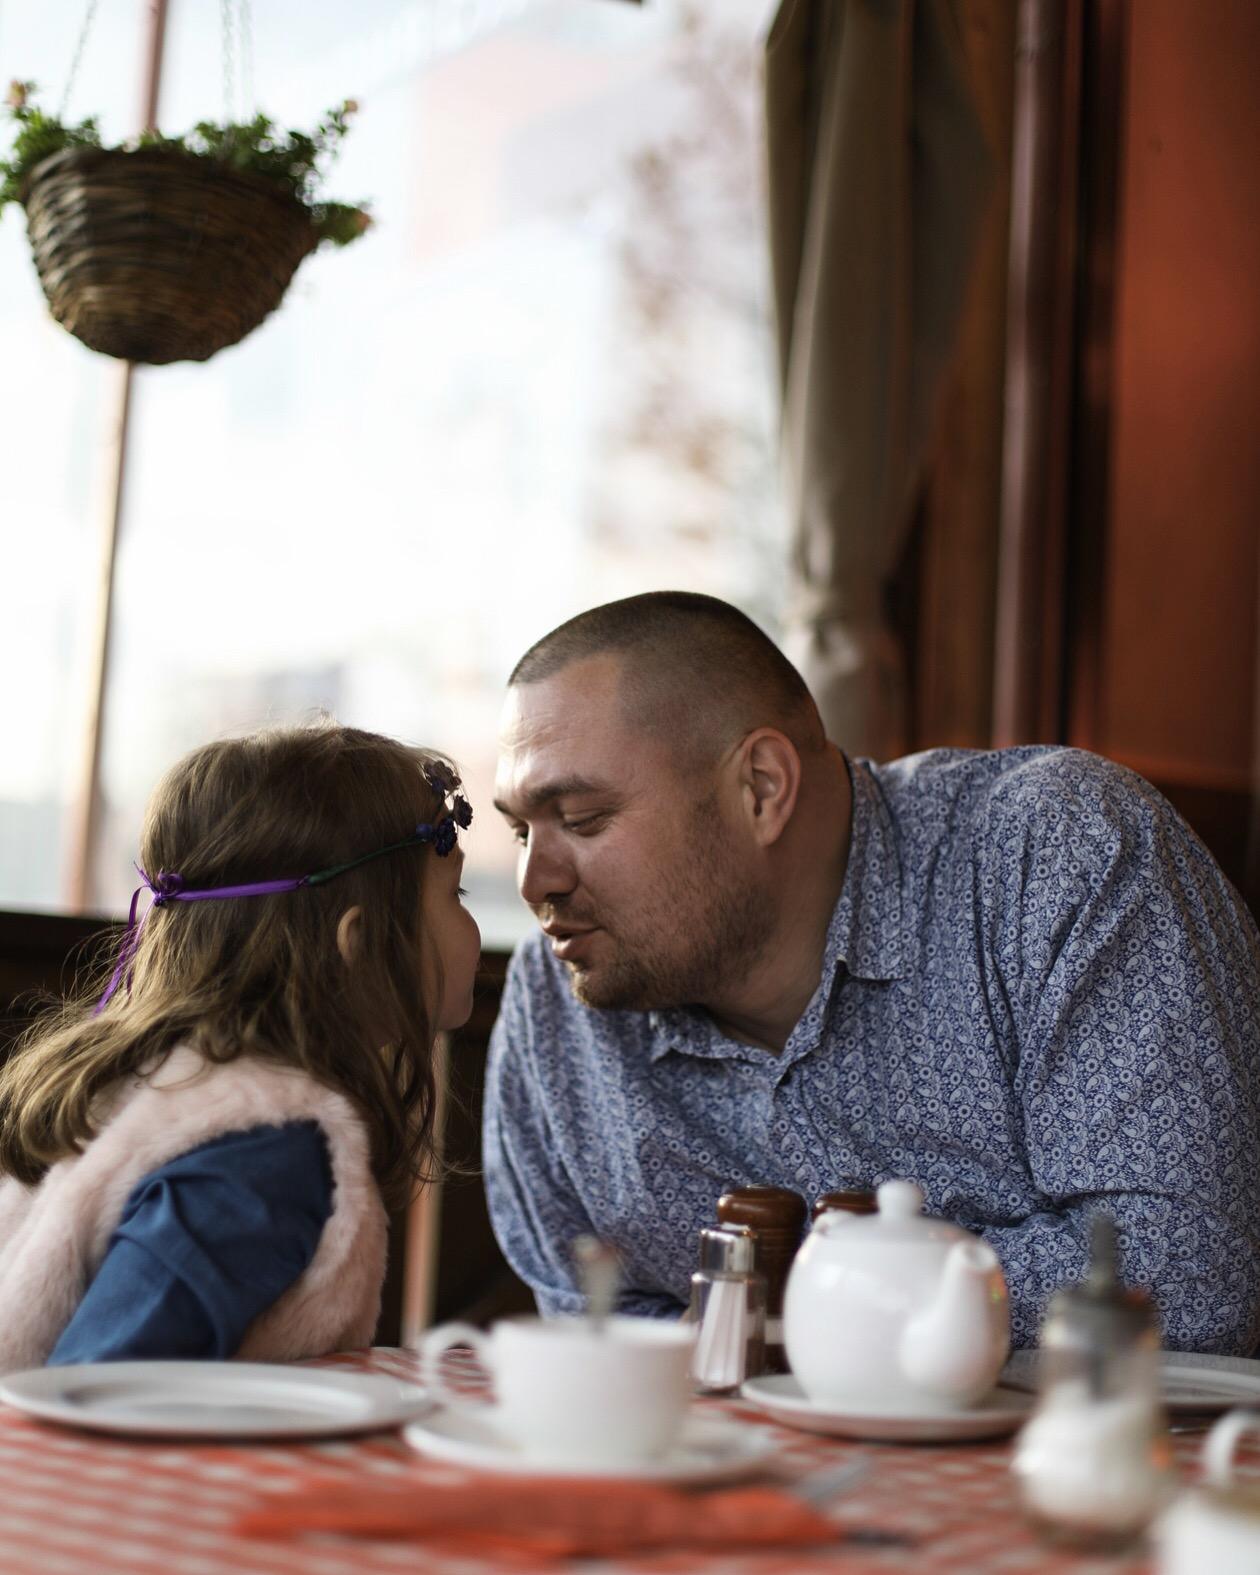 Папа и дочка за чаепитием). За чашкой чая